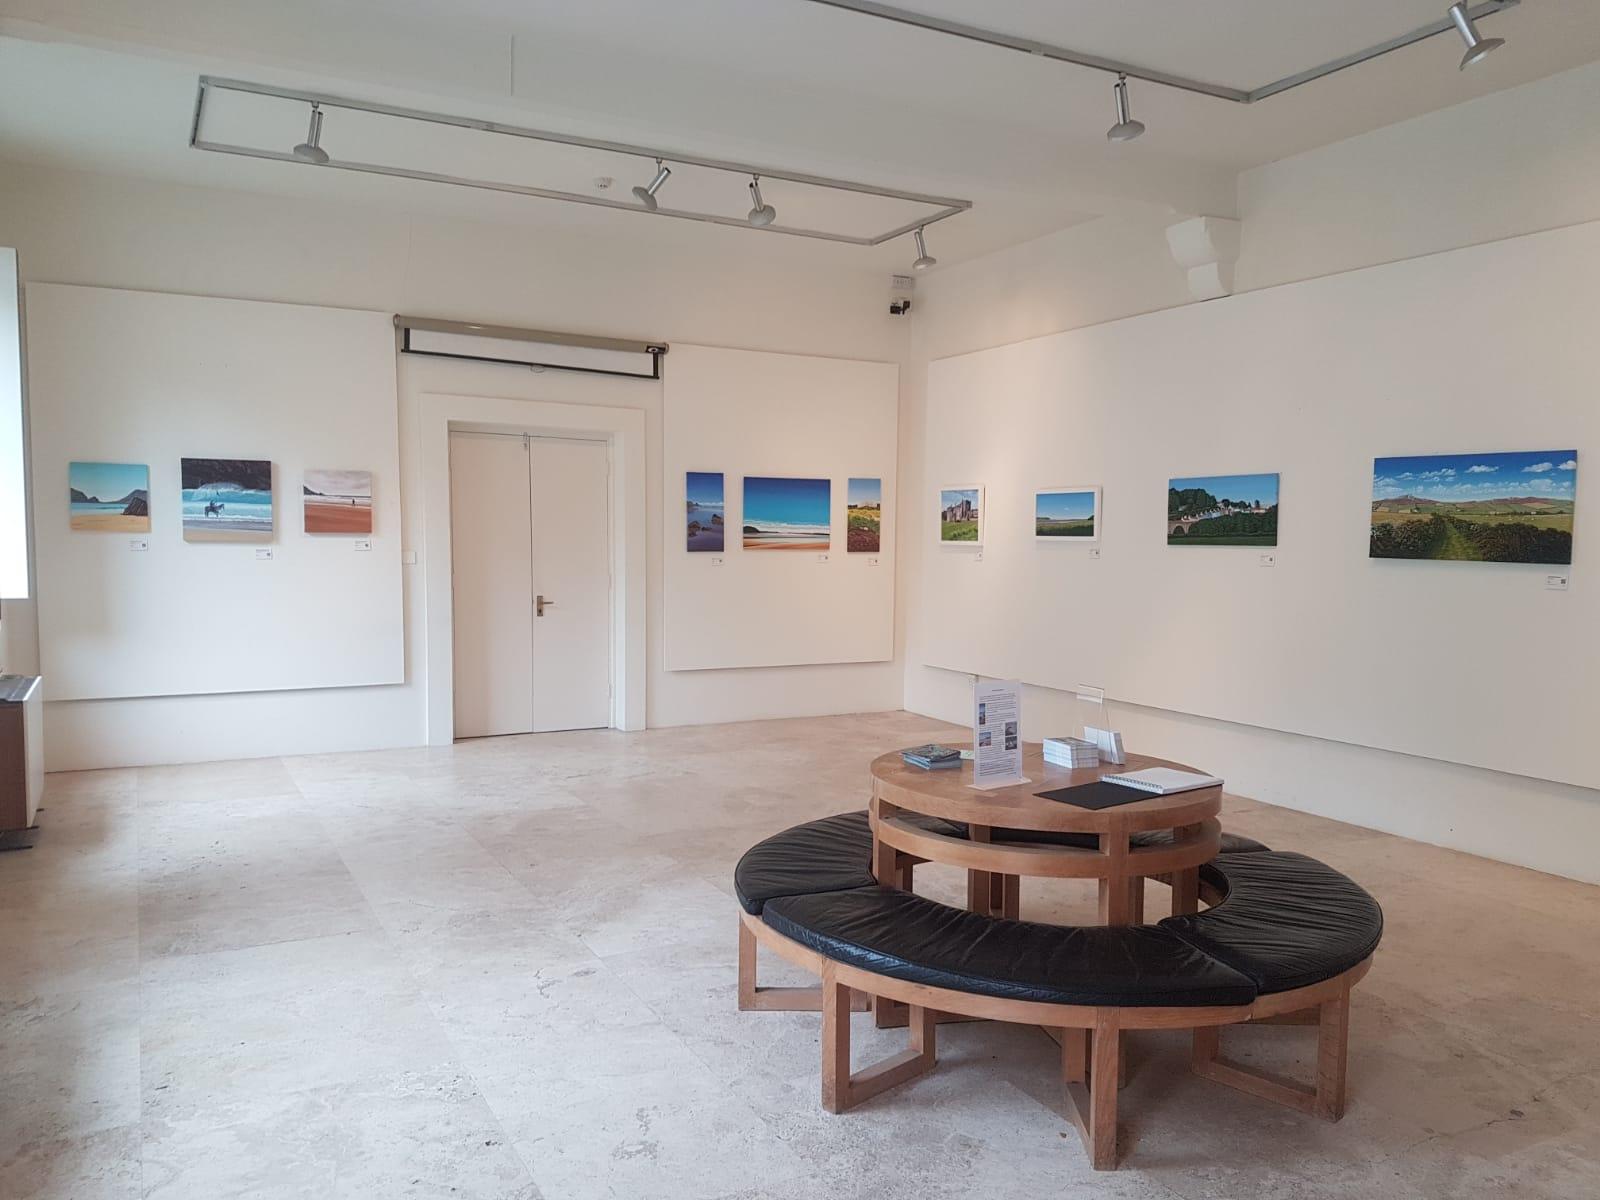 Picton Castle exhibition Dawn Morgan July 2018